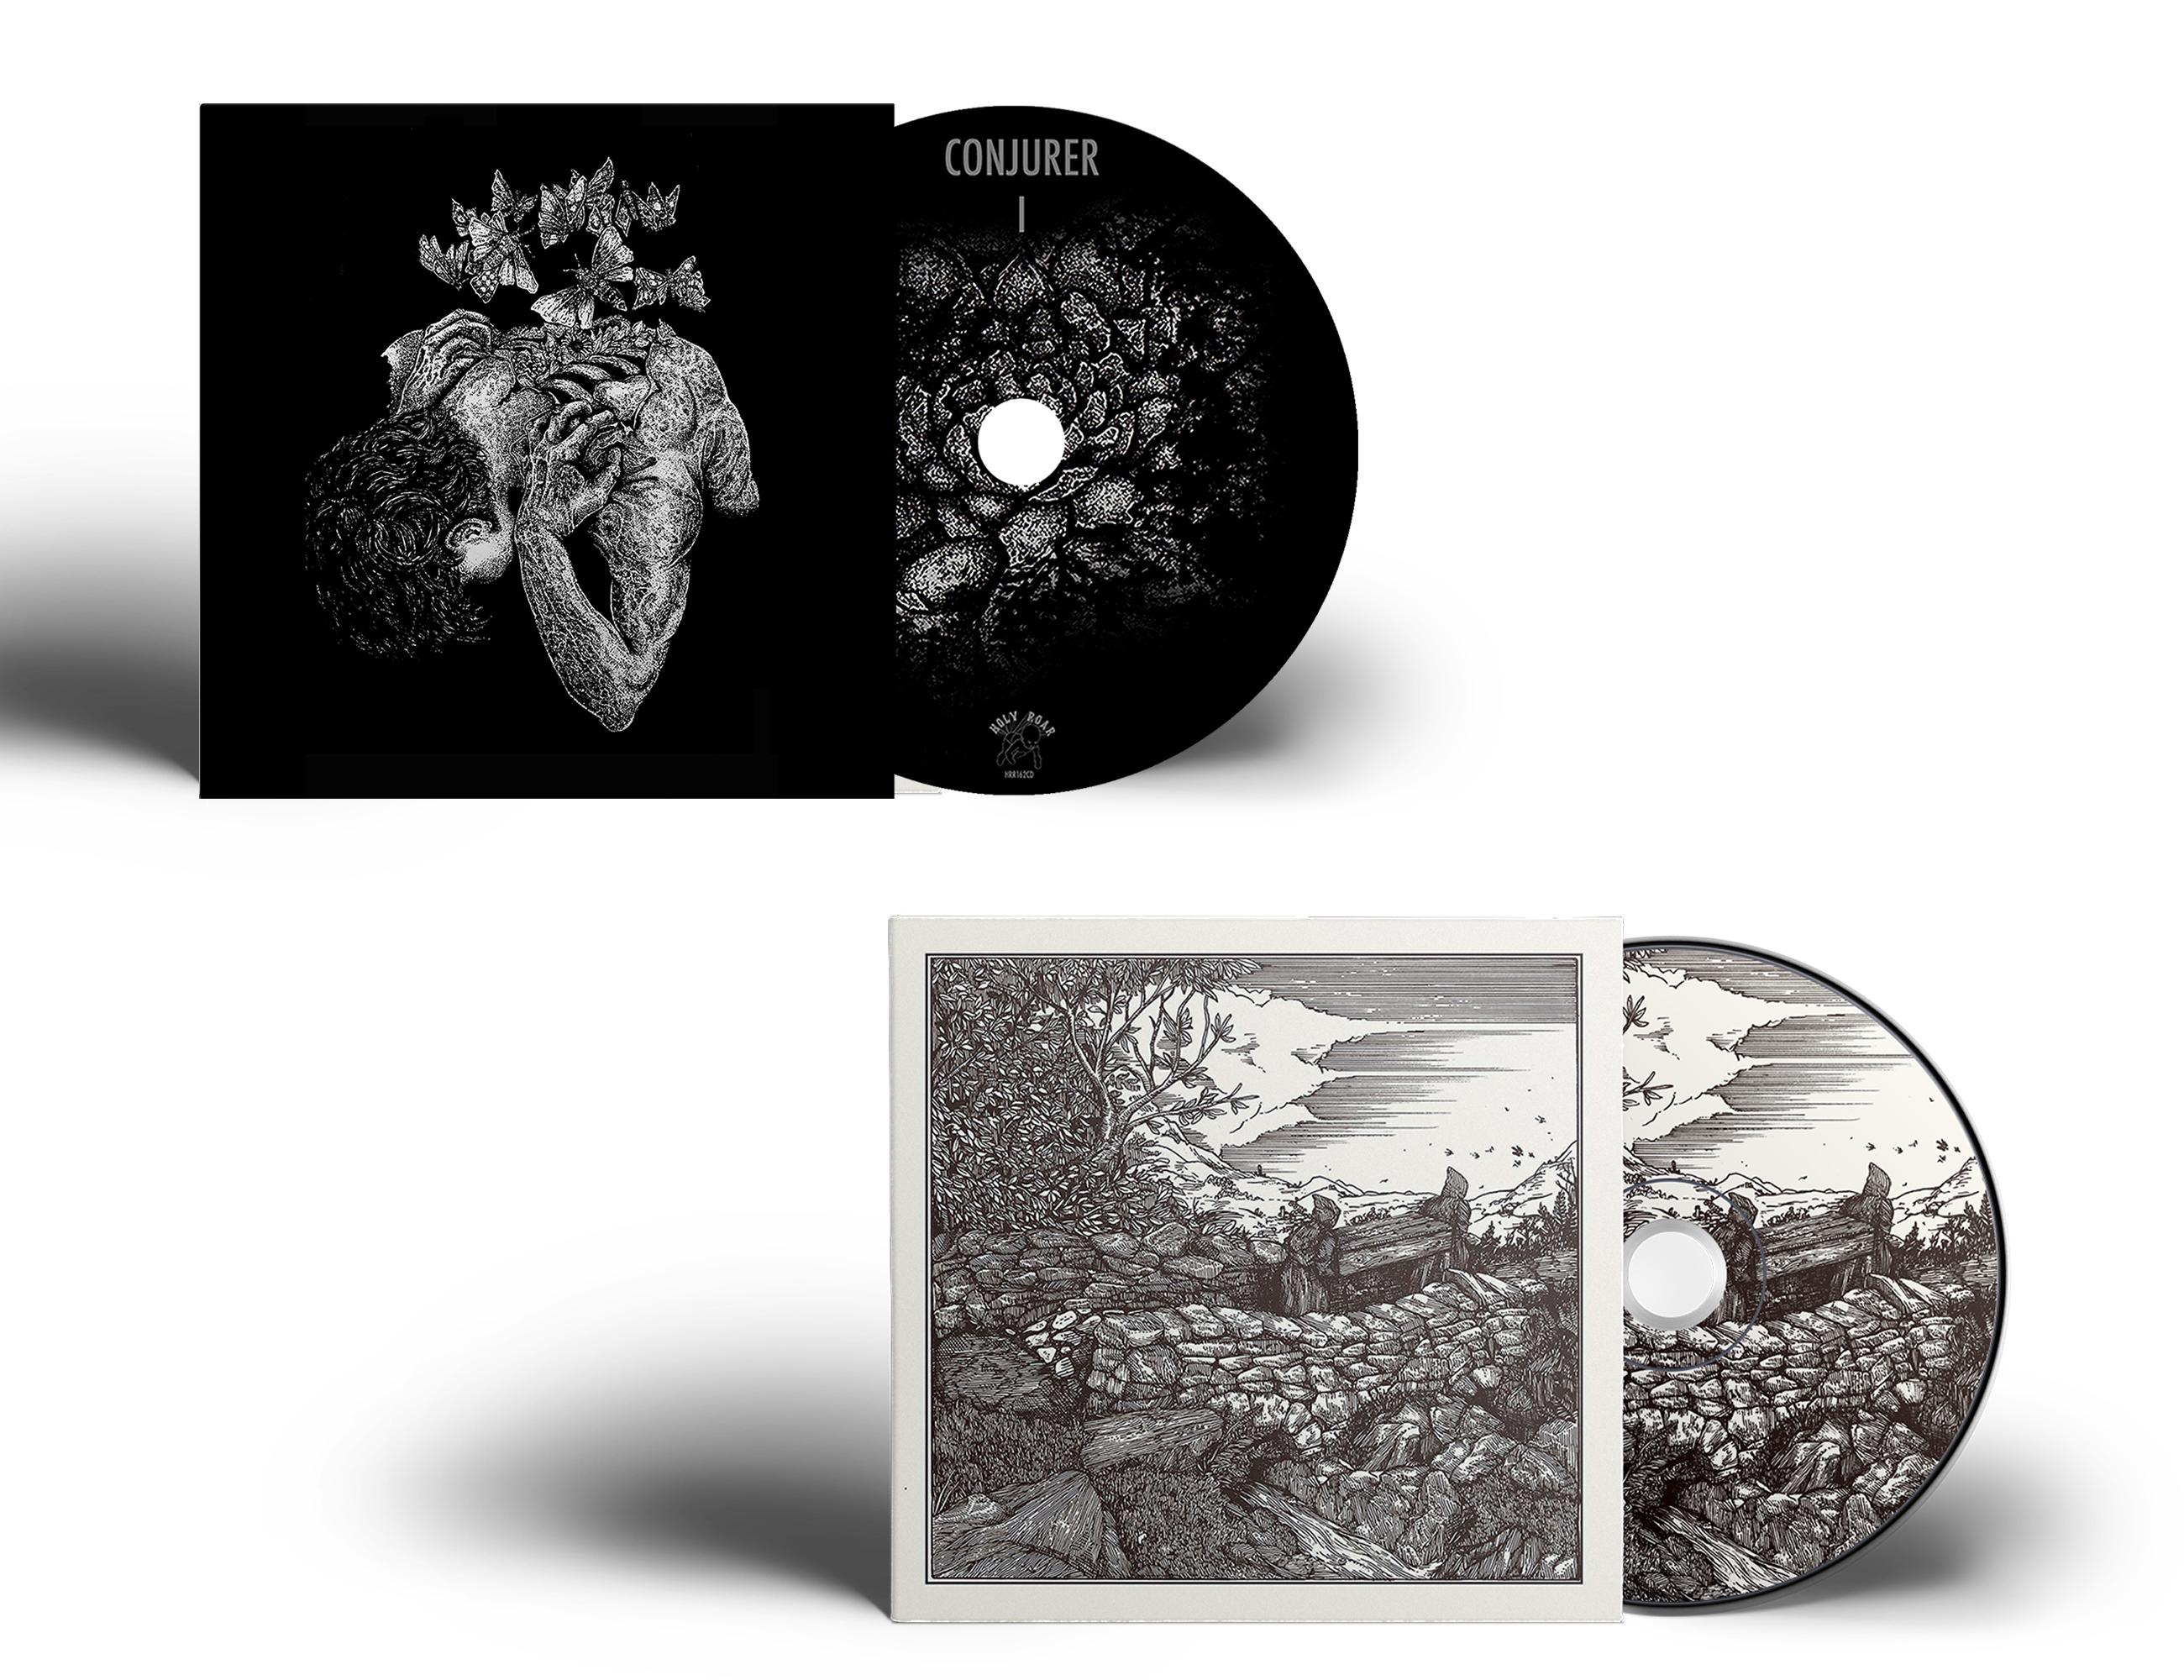 Conjurer 'Mire' CD + 'I' CD